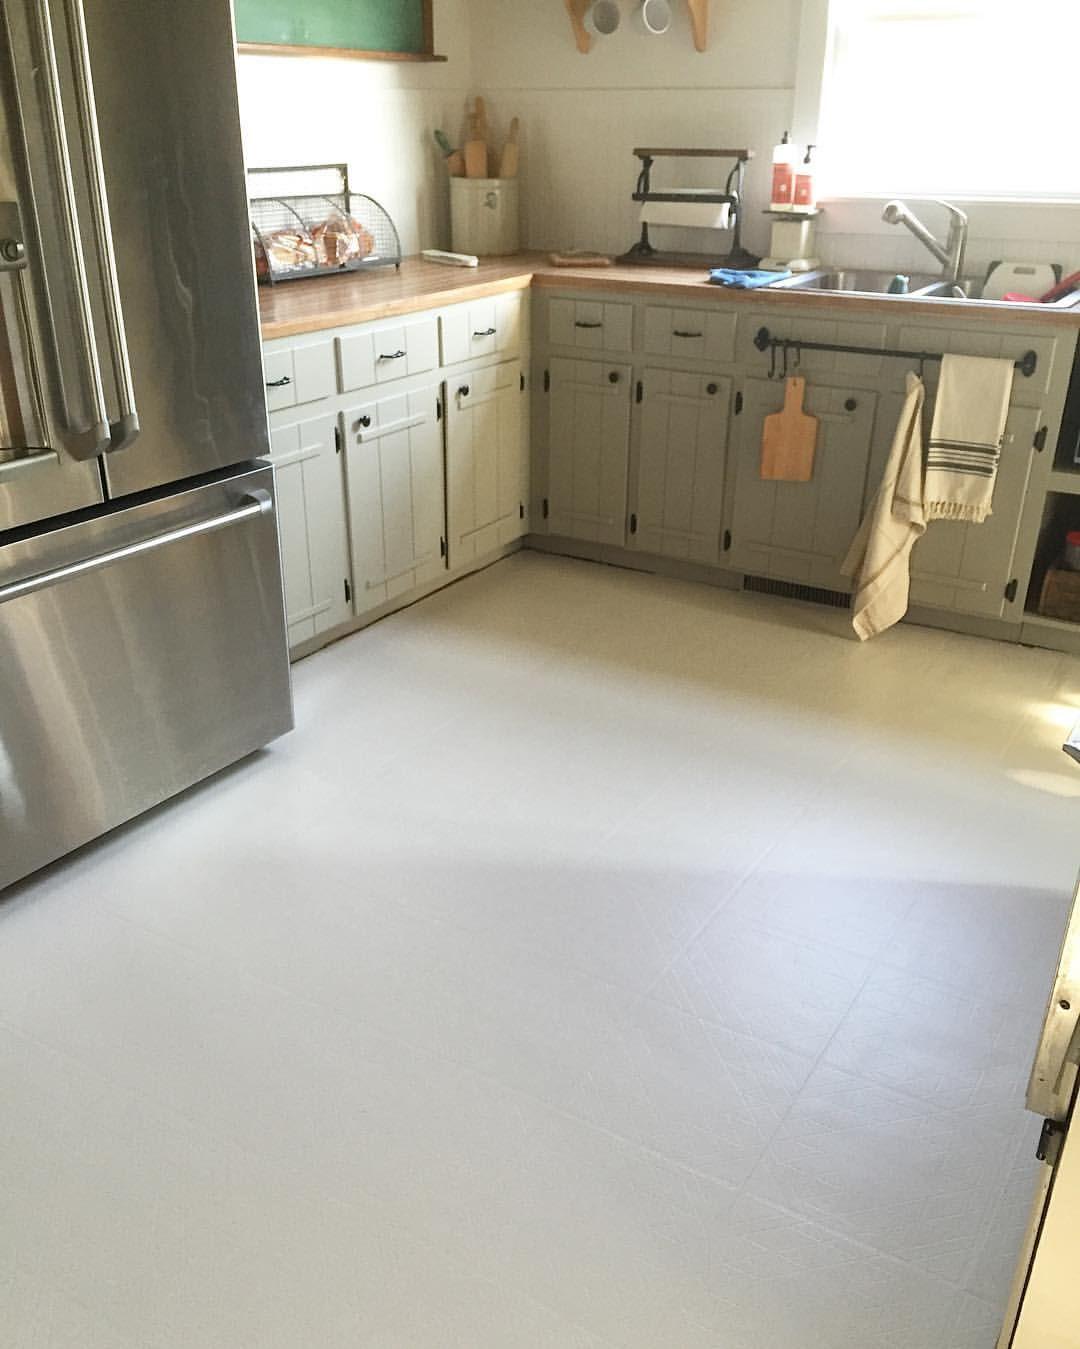 Painted Linoleum Floors  Farmhouse Kitchen Remodel